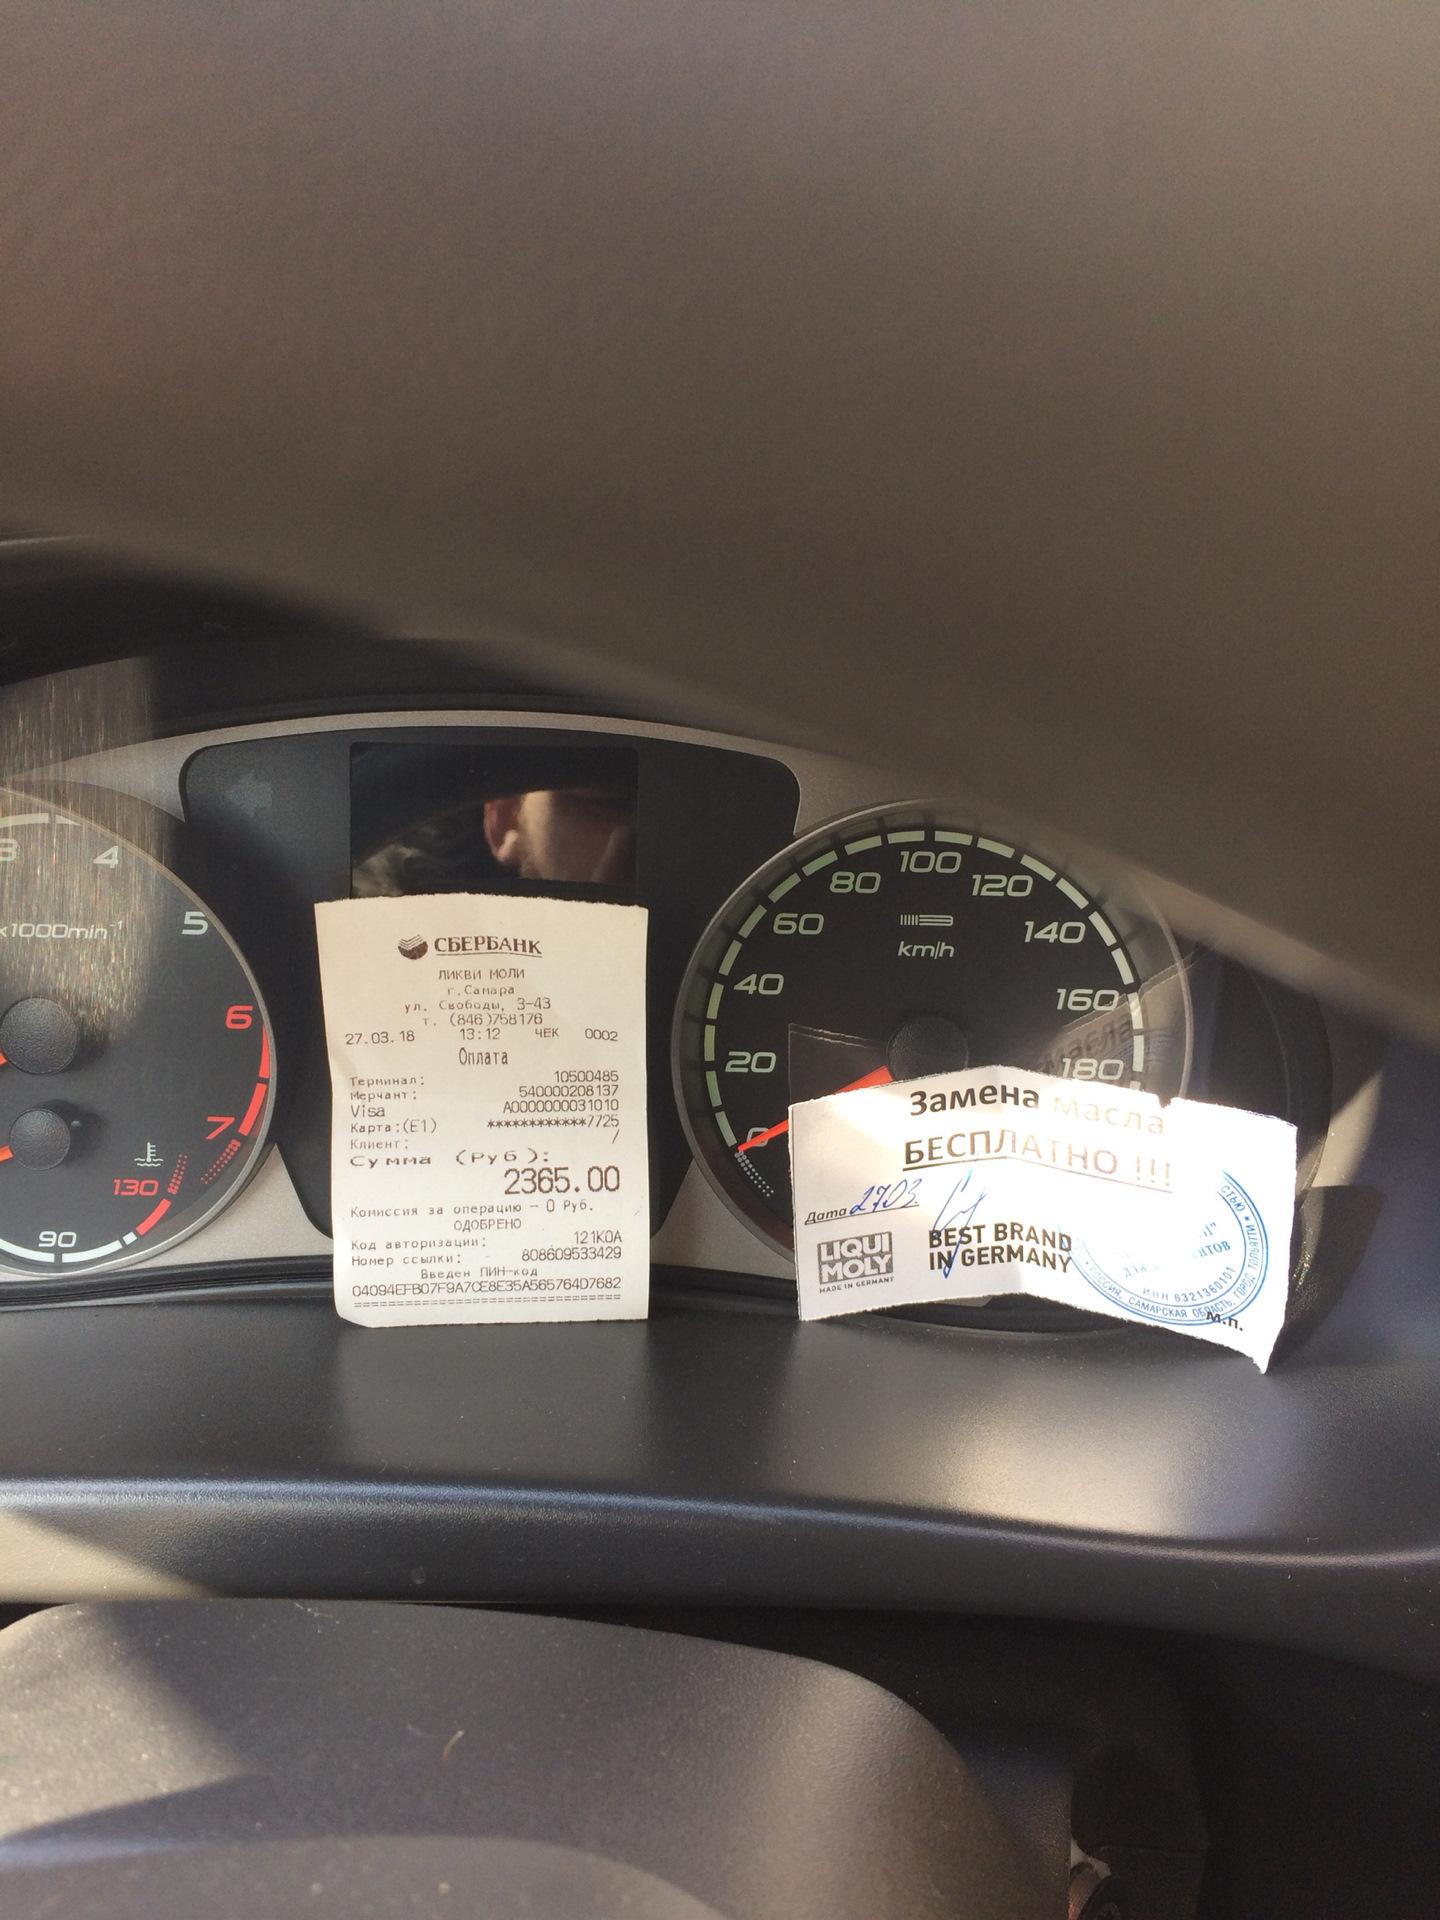 Смена ЛУКойла на Ликви — logbook Lada Priora sedan 2013 on DRIVE2 650e9d8e404